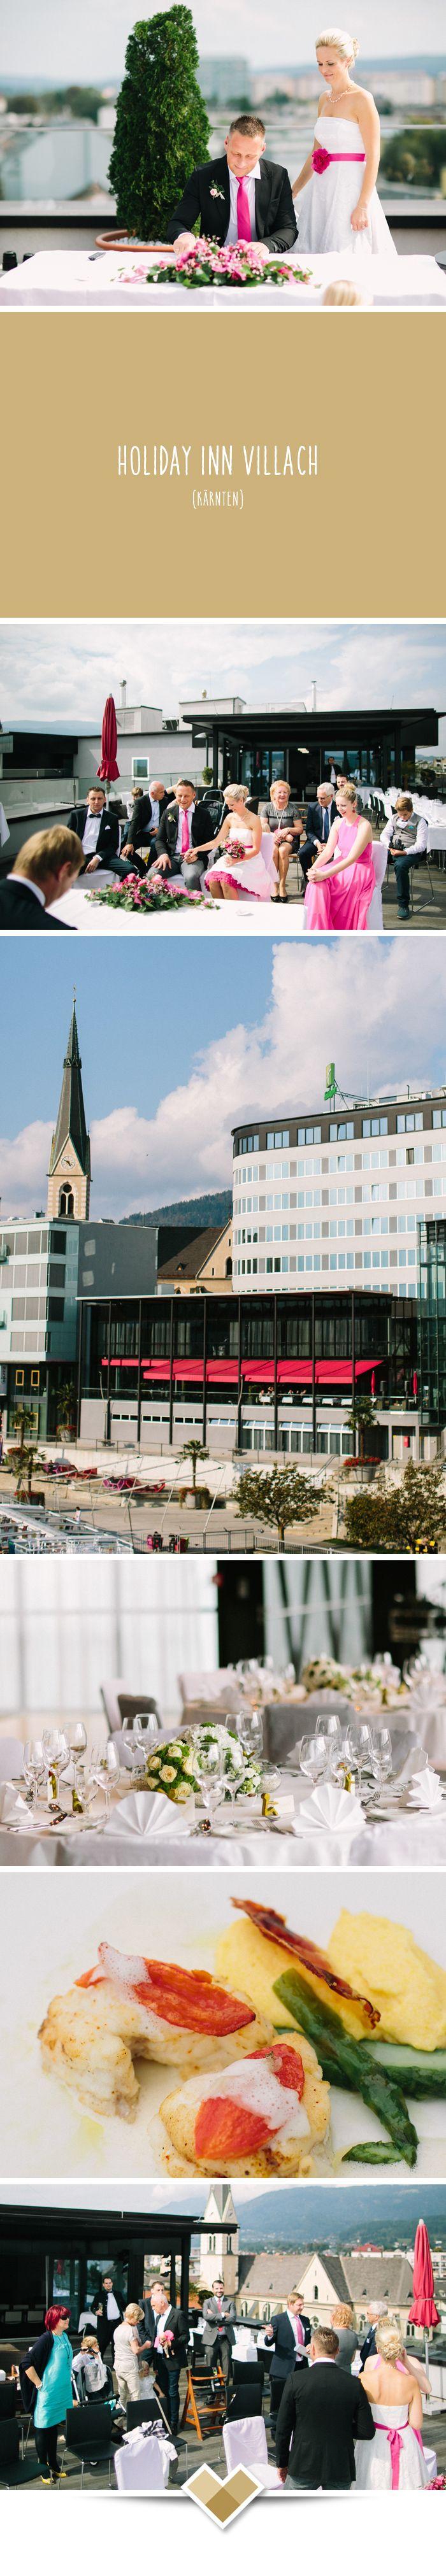 Holiday Inn Villach. Das Hotel bietet den idealen Rahmen, um den schönsten Tag im Leben zu genießen. Direkt an der Drau und trotzdem mitten in der Stadt gelegen, sind das Standesamt und Villachs schönste Kirchen ganz nah. Die standesamtliche Trauung mit Panoramablick kann organisiert werden. Mehr zu dieser Kärntner Hochzeitslocation: http://hochzeits-location.info/hochzeitslocation/holiday-inn-villach Fotos © Henry Welisch, http://www.henrywelischweddings.com/